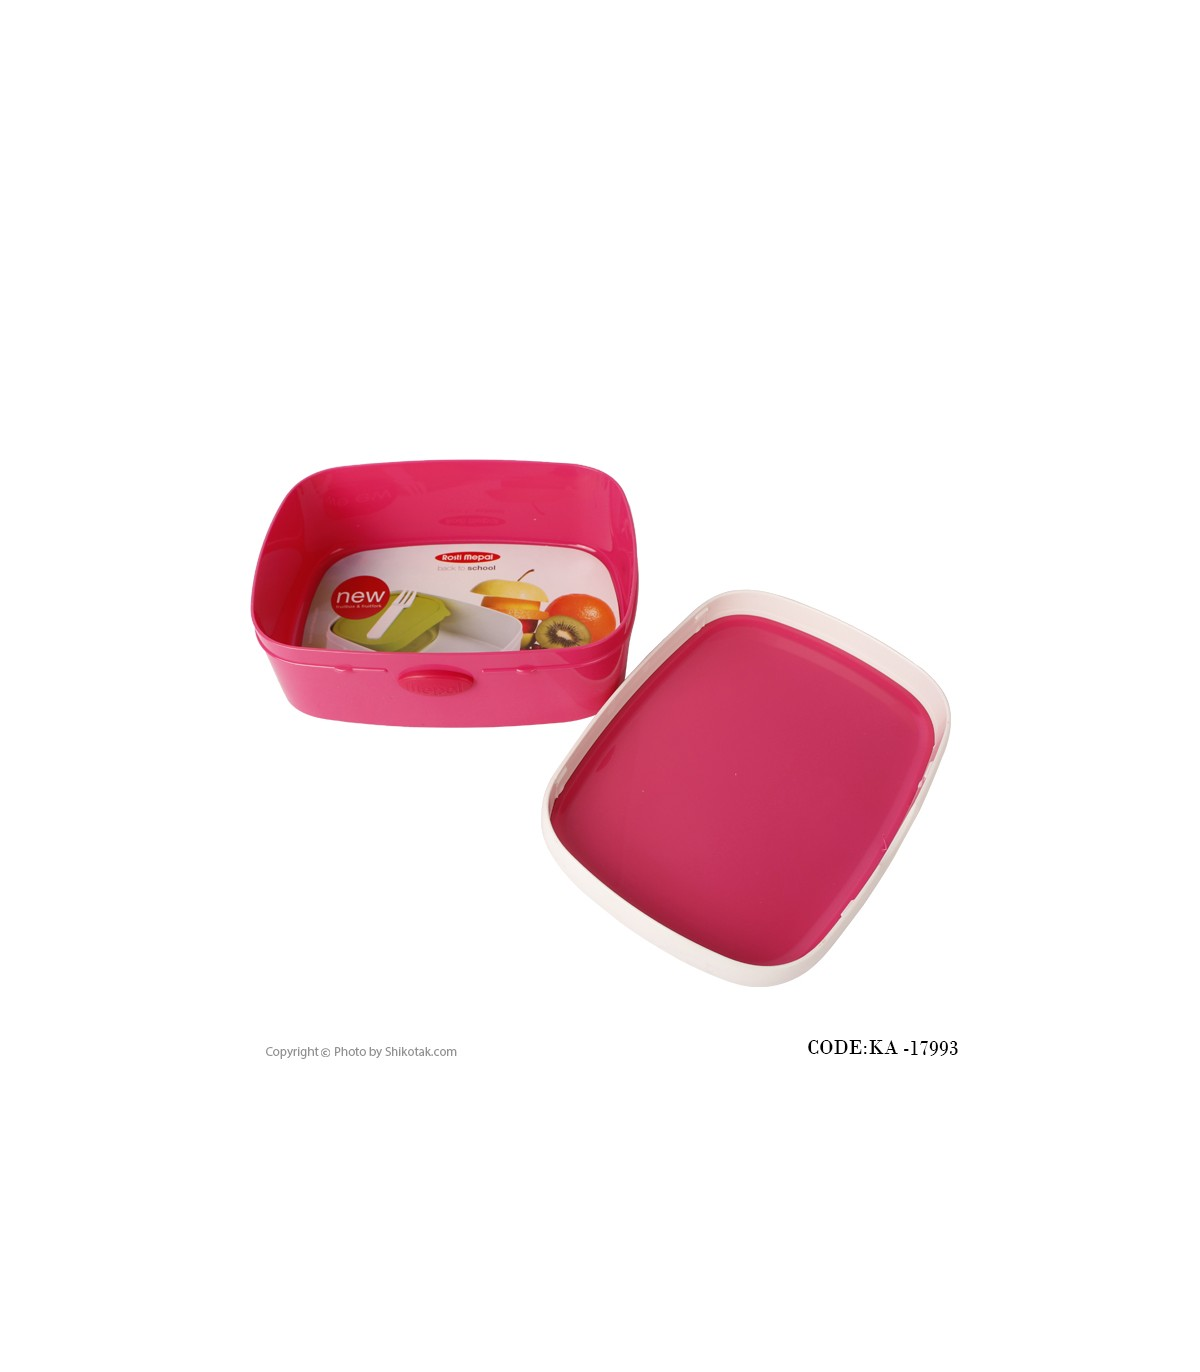 تصویر ظرف غذای دربدار صورتی مدل لاله